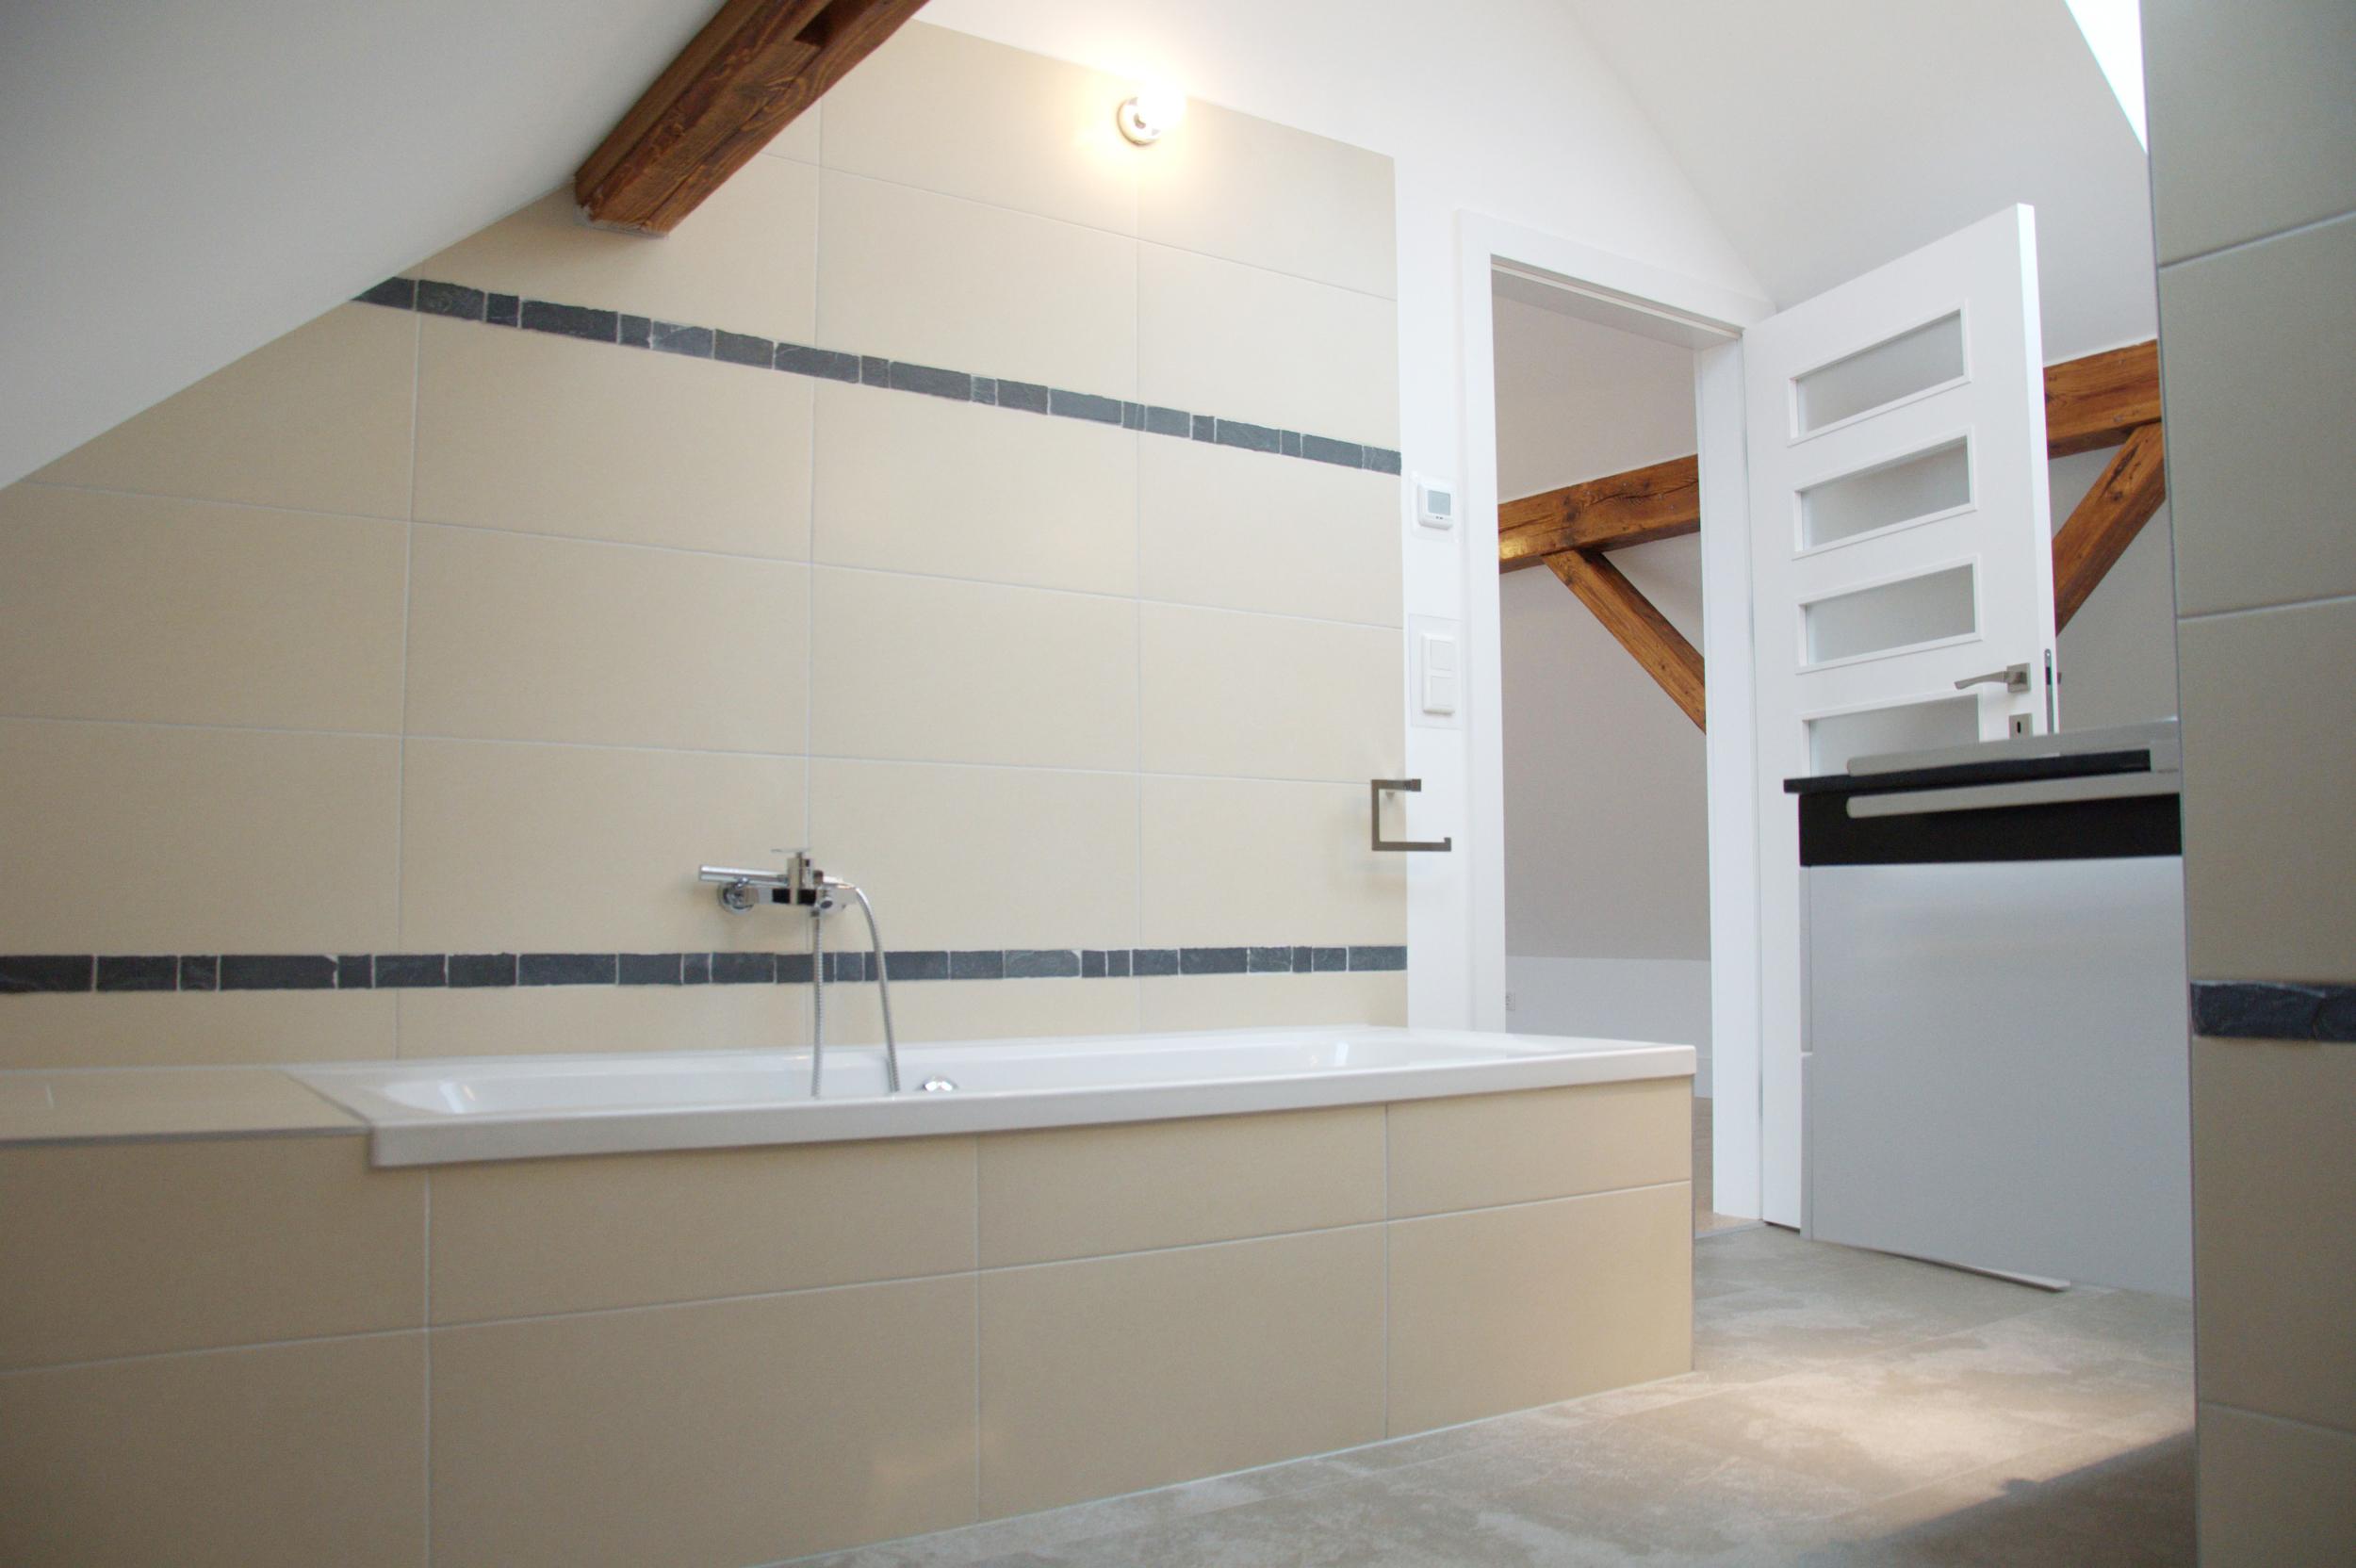 großzüges elegantes Bad mit historischen Dachbalken Wohnung in Heusenstamm bei Frankfurt